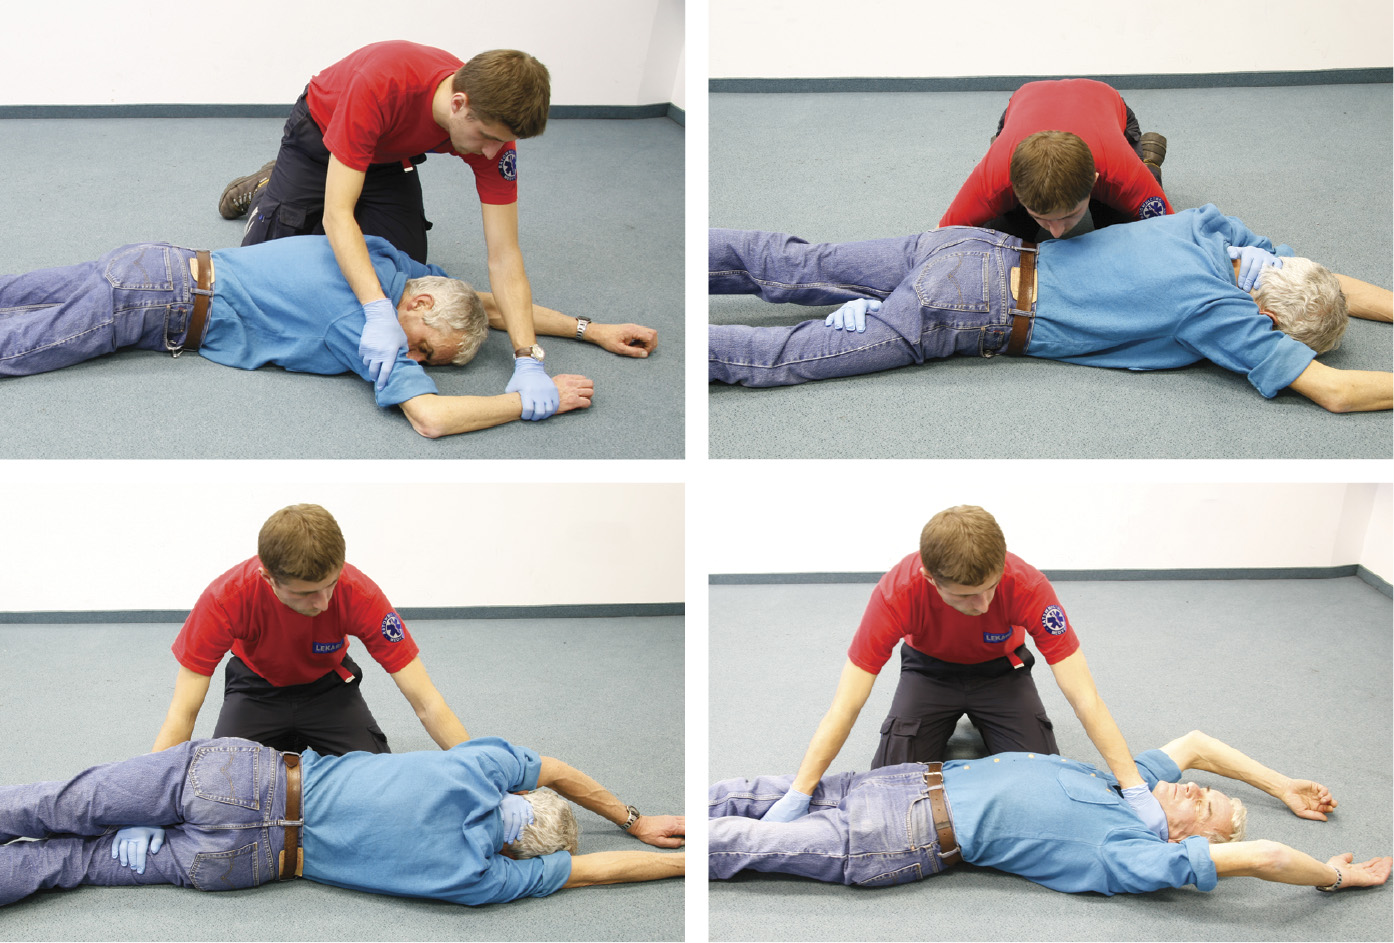 Перевepтання жертви нещасного випадку, яка лежить на животі вположення на спині (опис— утекстi)